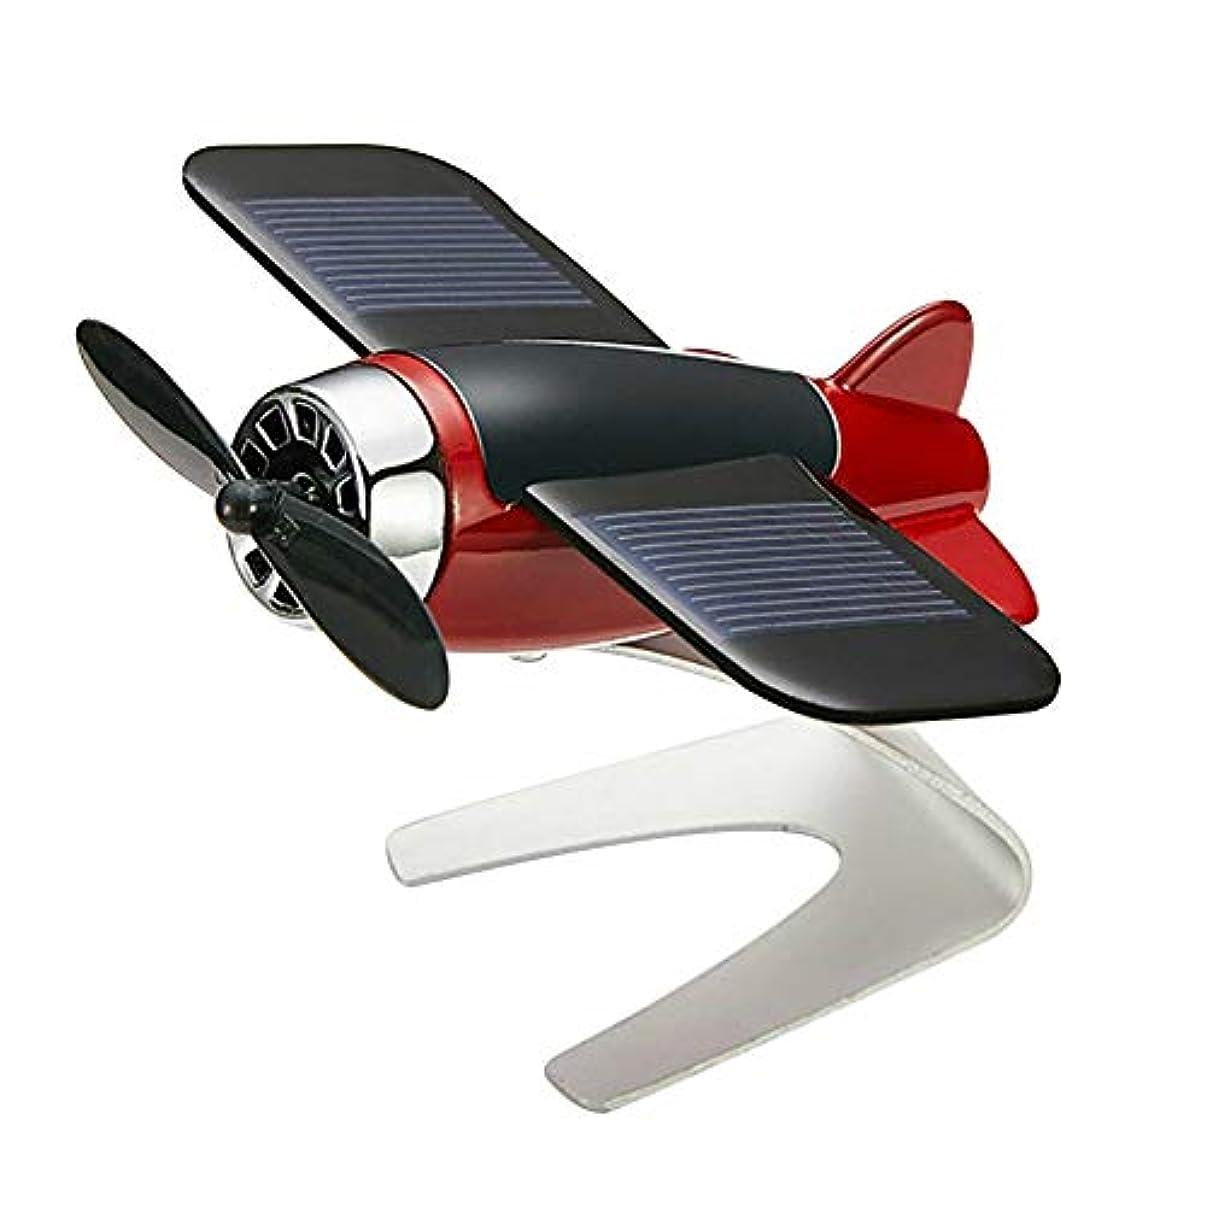 サイズファブリック走るSymboat 車の芳香剤飛行機航空機モデル太陽エネルギーアロマテラピー室内装飾